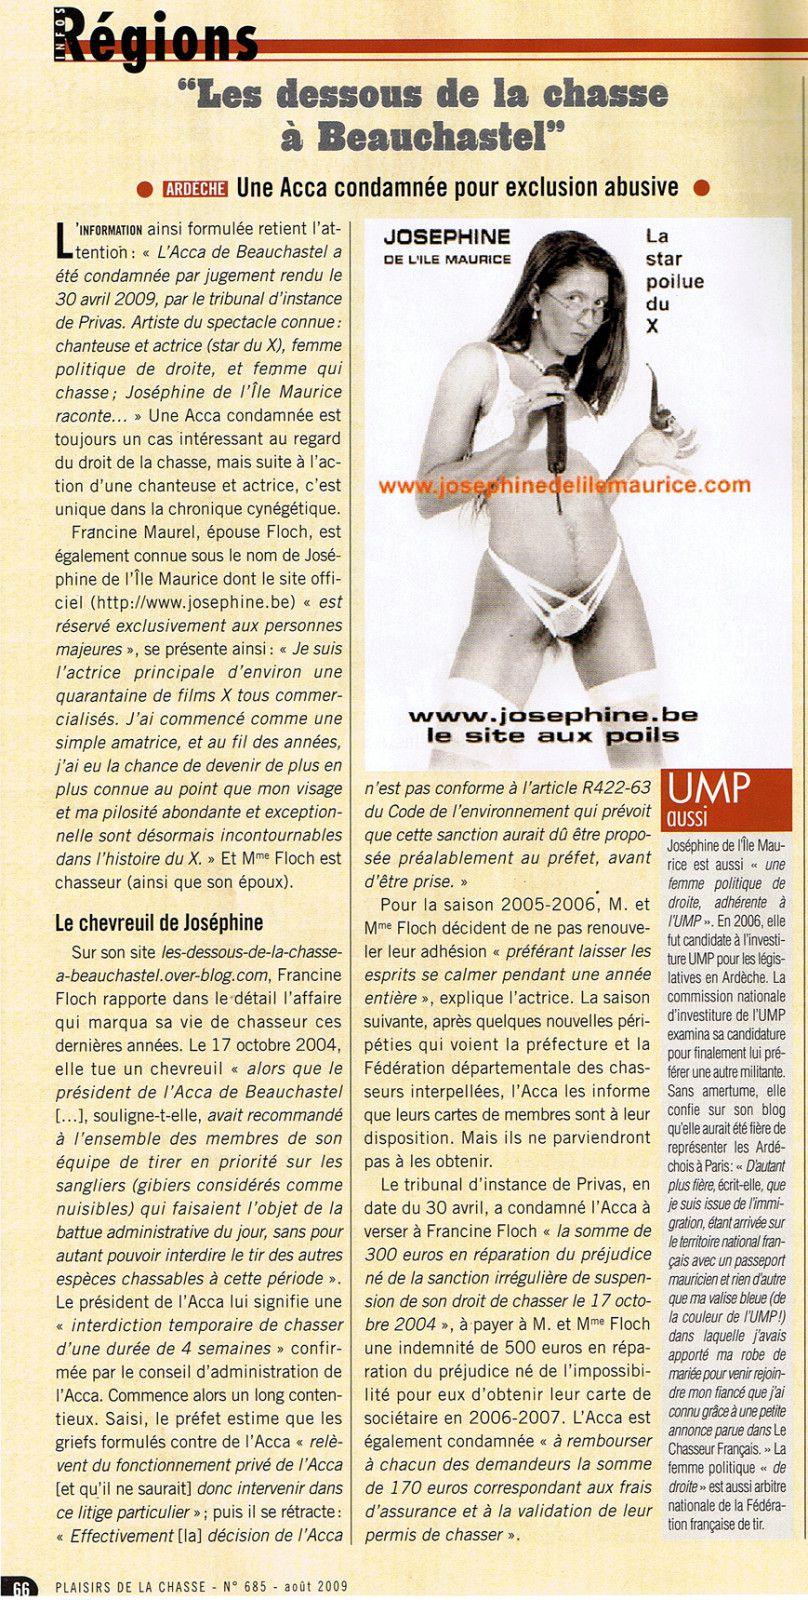 Plaisirs-de-la-Chasse-de-Aout-2009.jpg